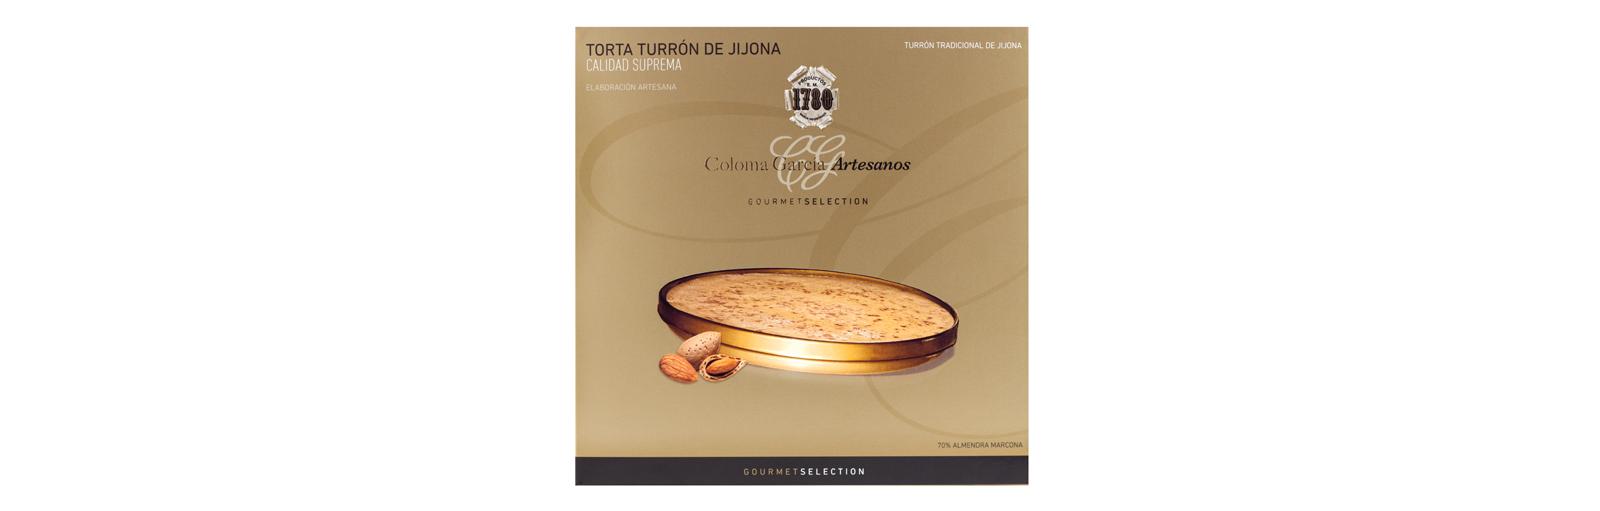 TORTA TURRÓN DE JIJONA GOURMET